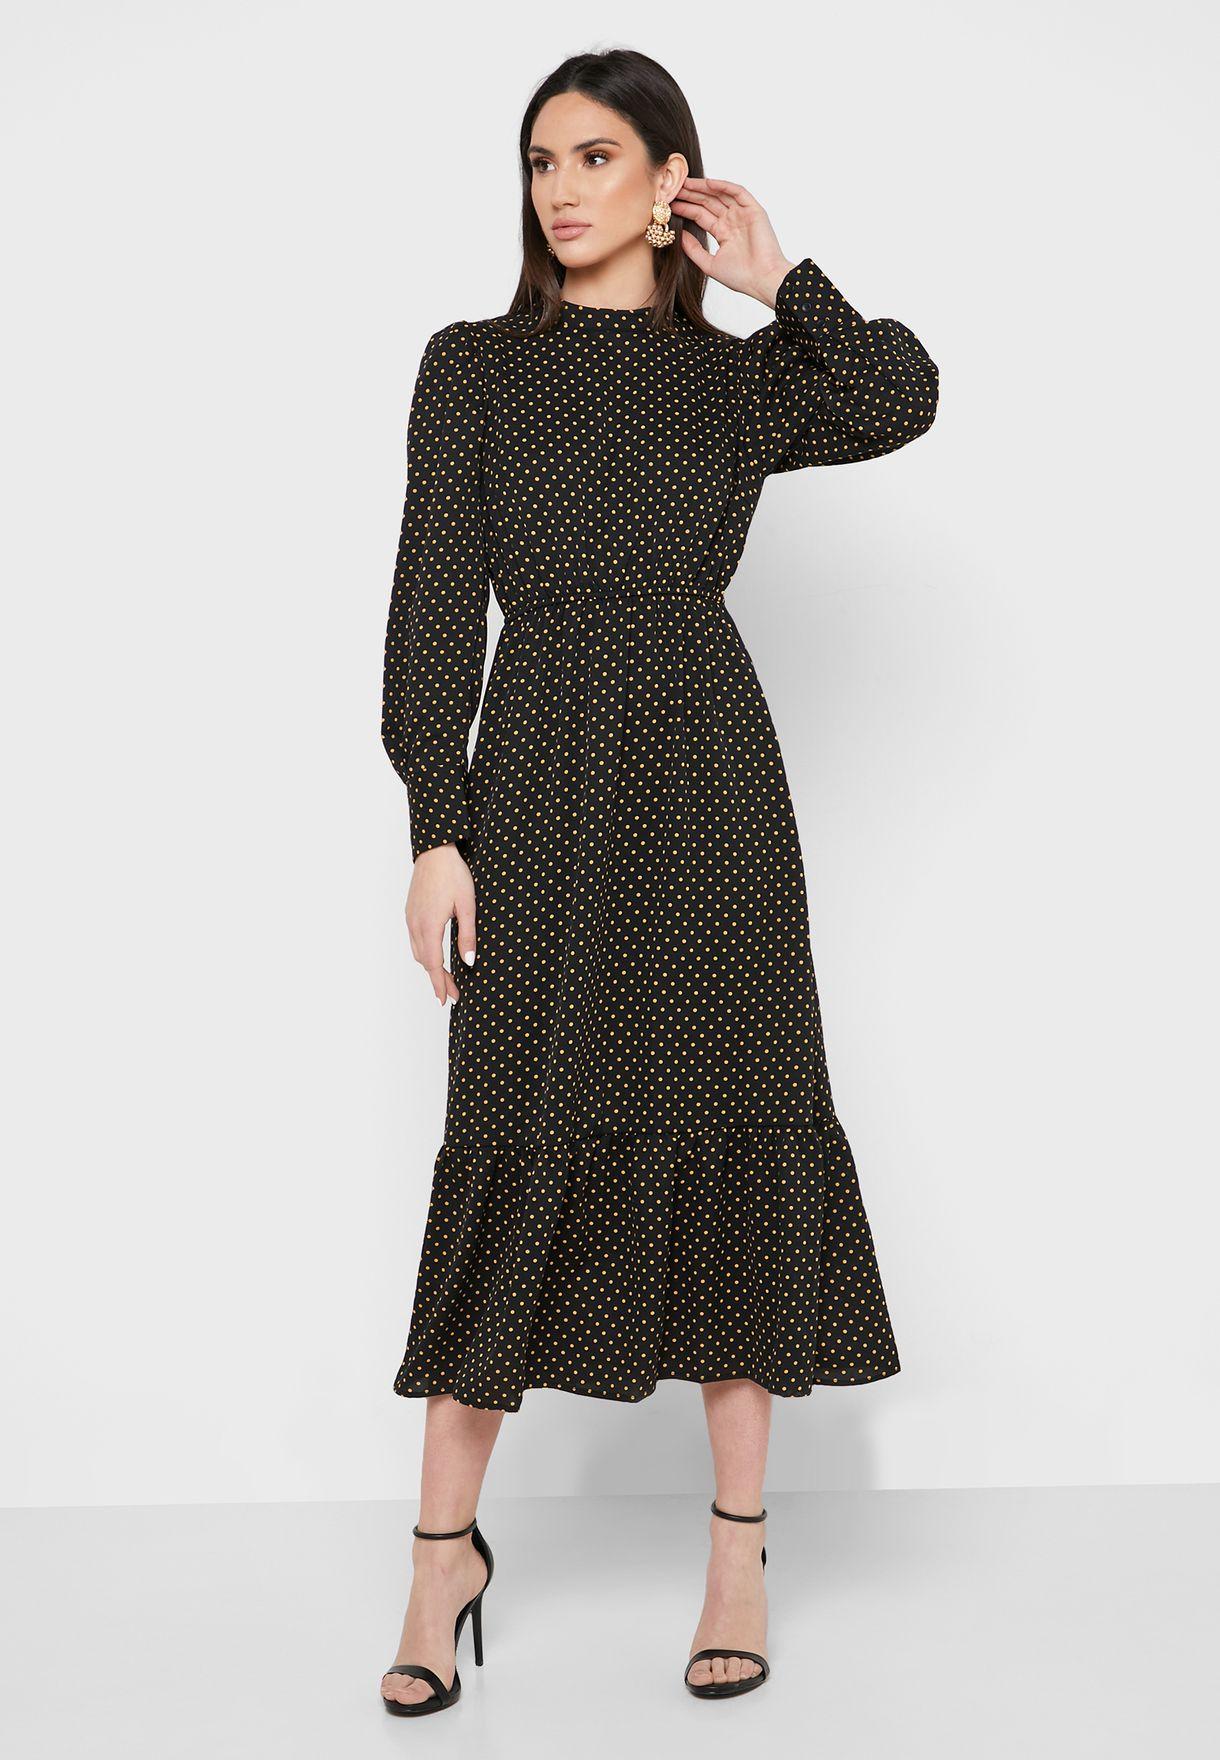 فستان بياقة عالية ومزين بكشكش